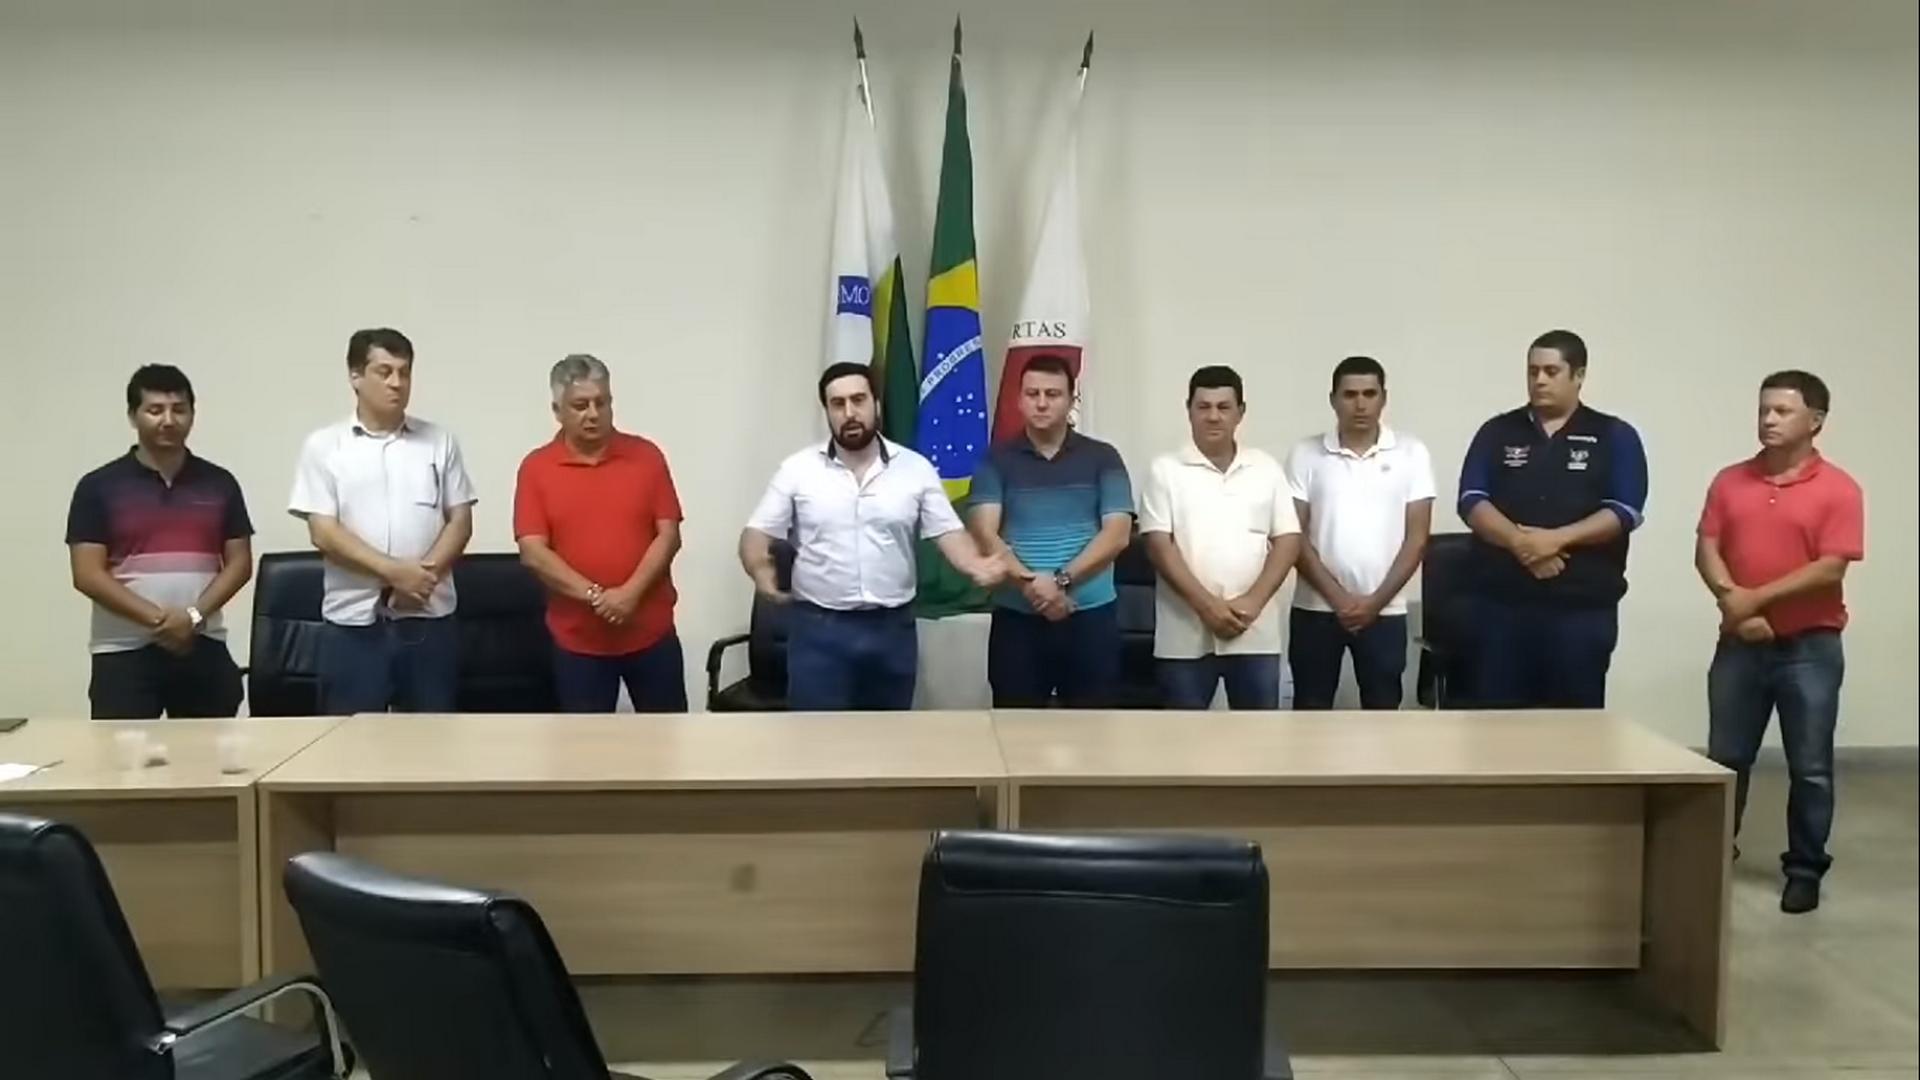 PREFEITO DE ARAPONGA PARTICIPA DE REUNIÃO JUNTAMENTE COM OUTRAS LIDERANÇAS MUNICIPAIS !!!